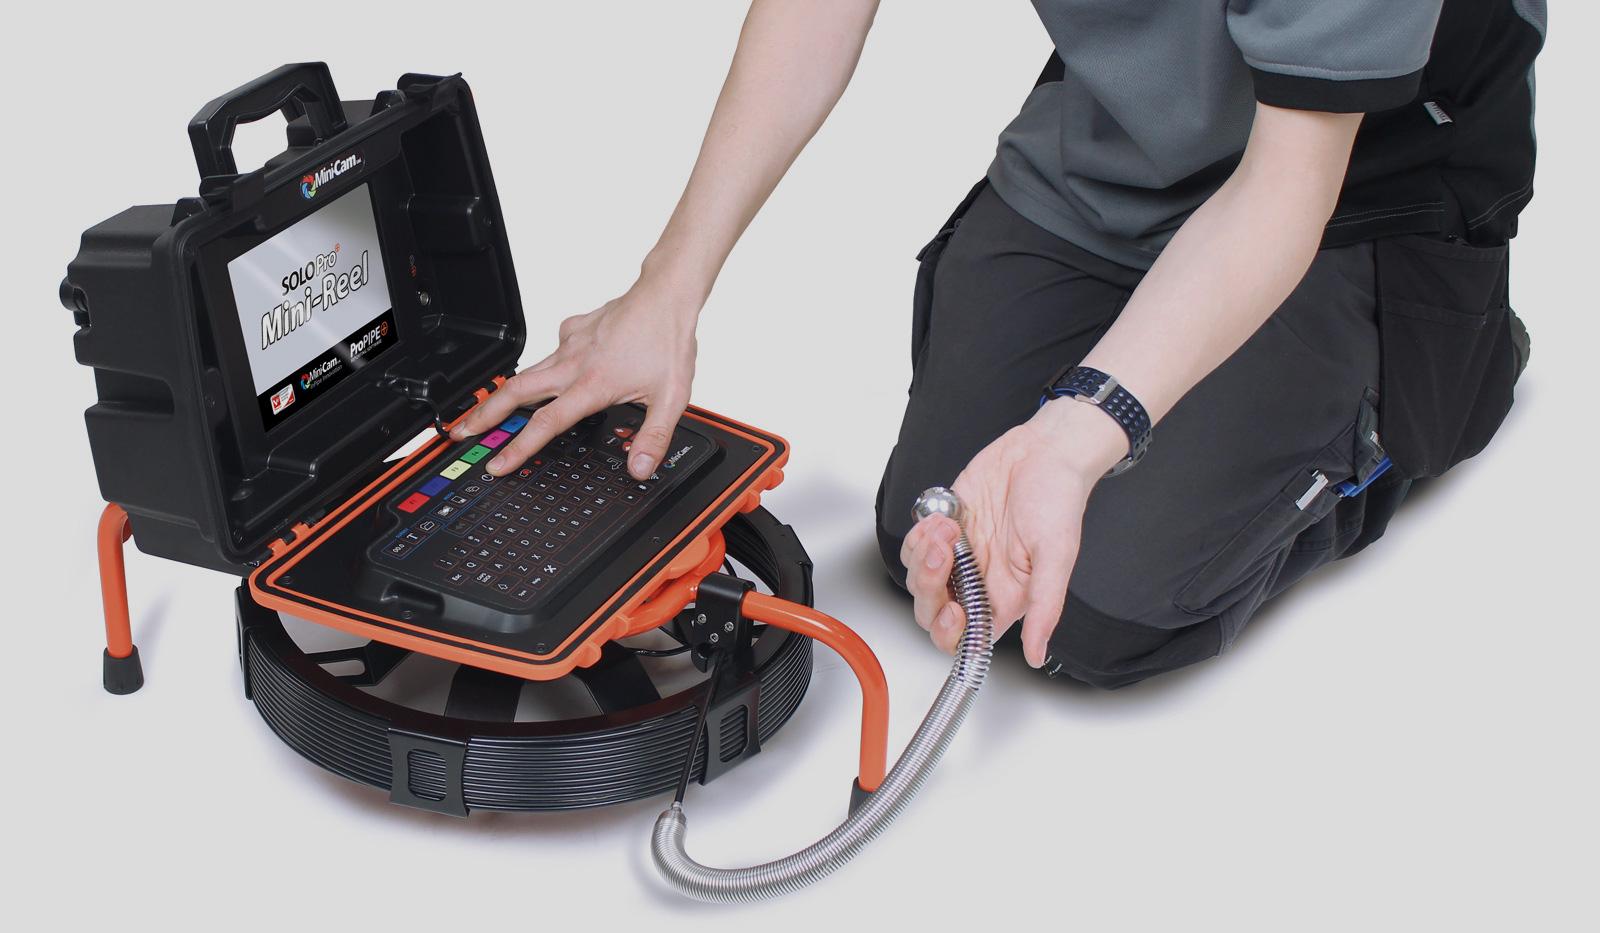 Completa tu sistema SOLOPro+® con el nuevo carrete Mini-Reel